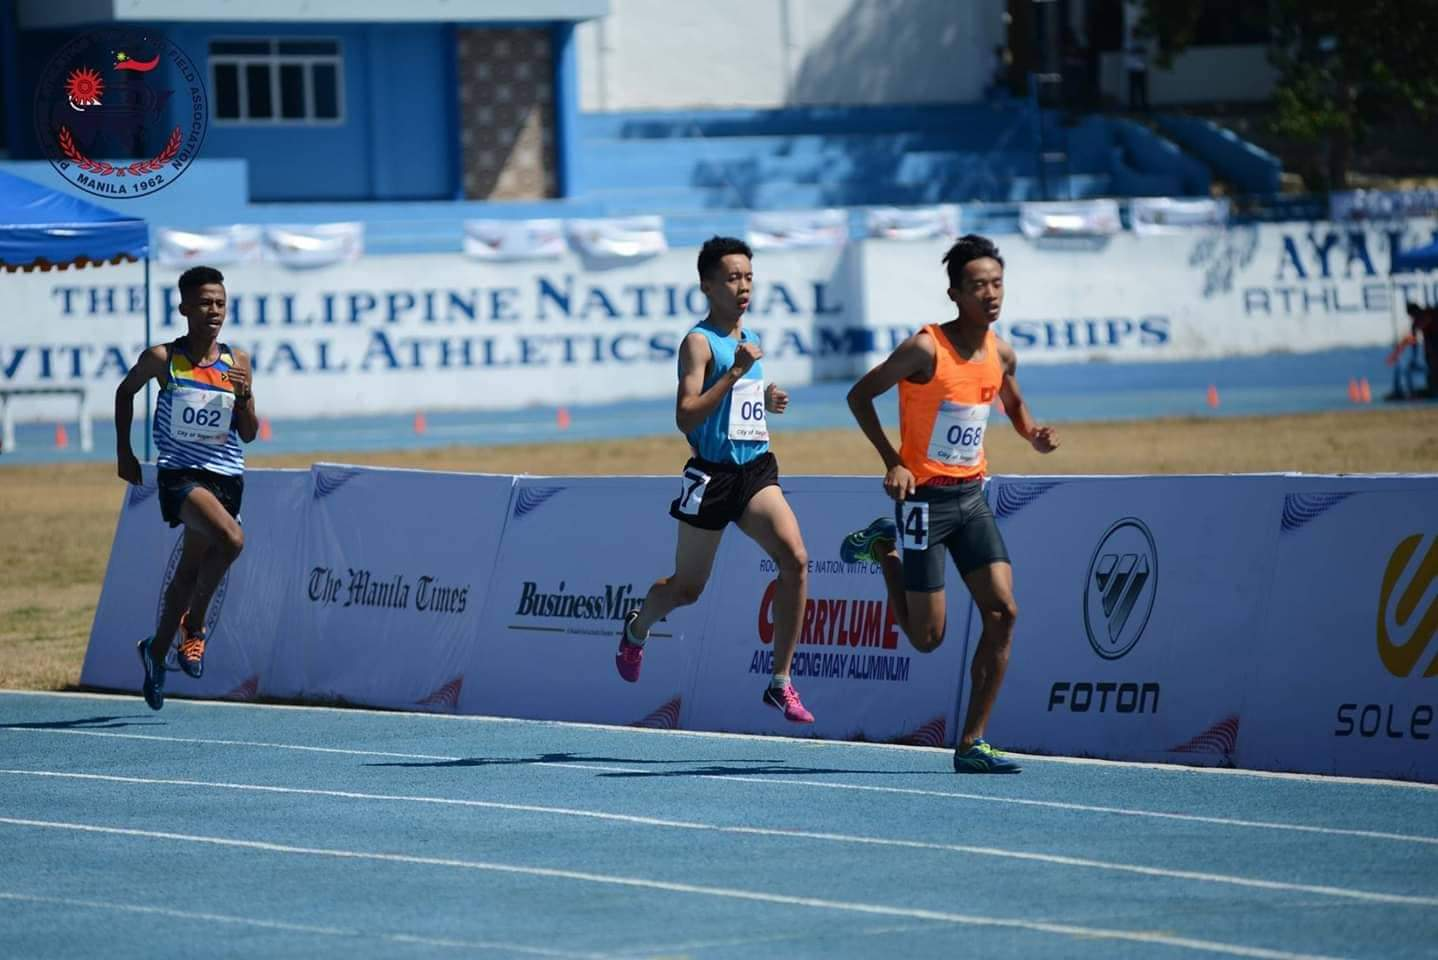 Vận động viên Nguyễn Thanh Sang trên đường đua